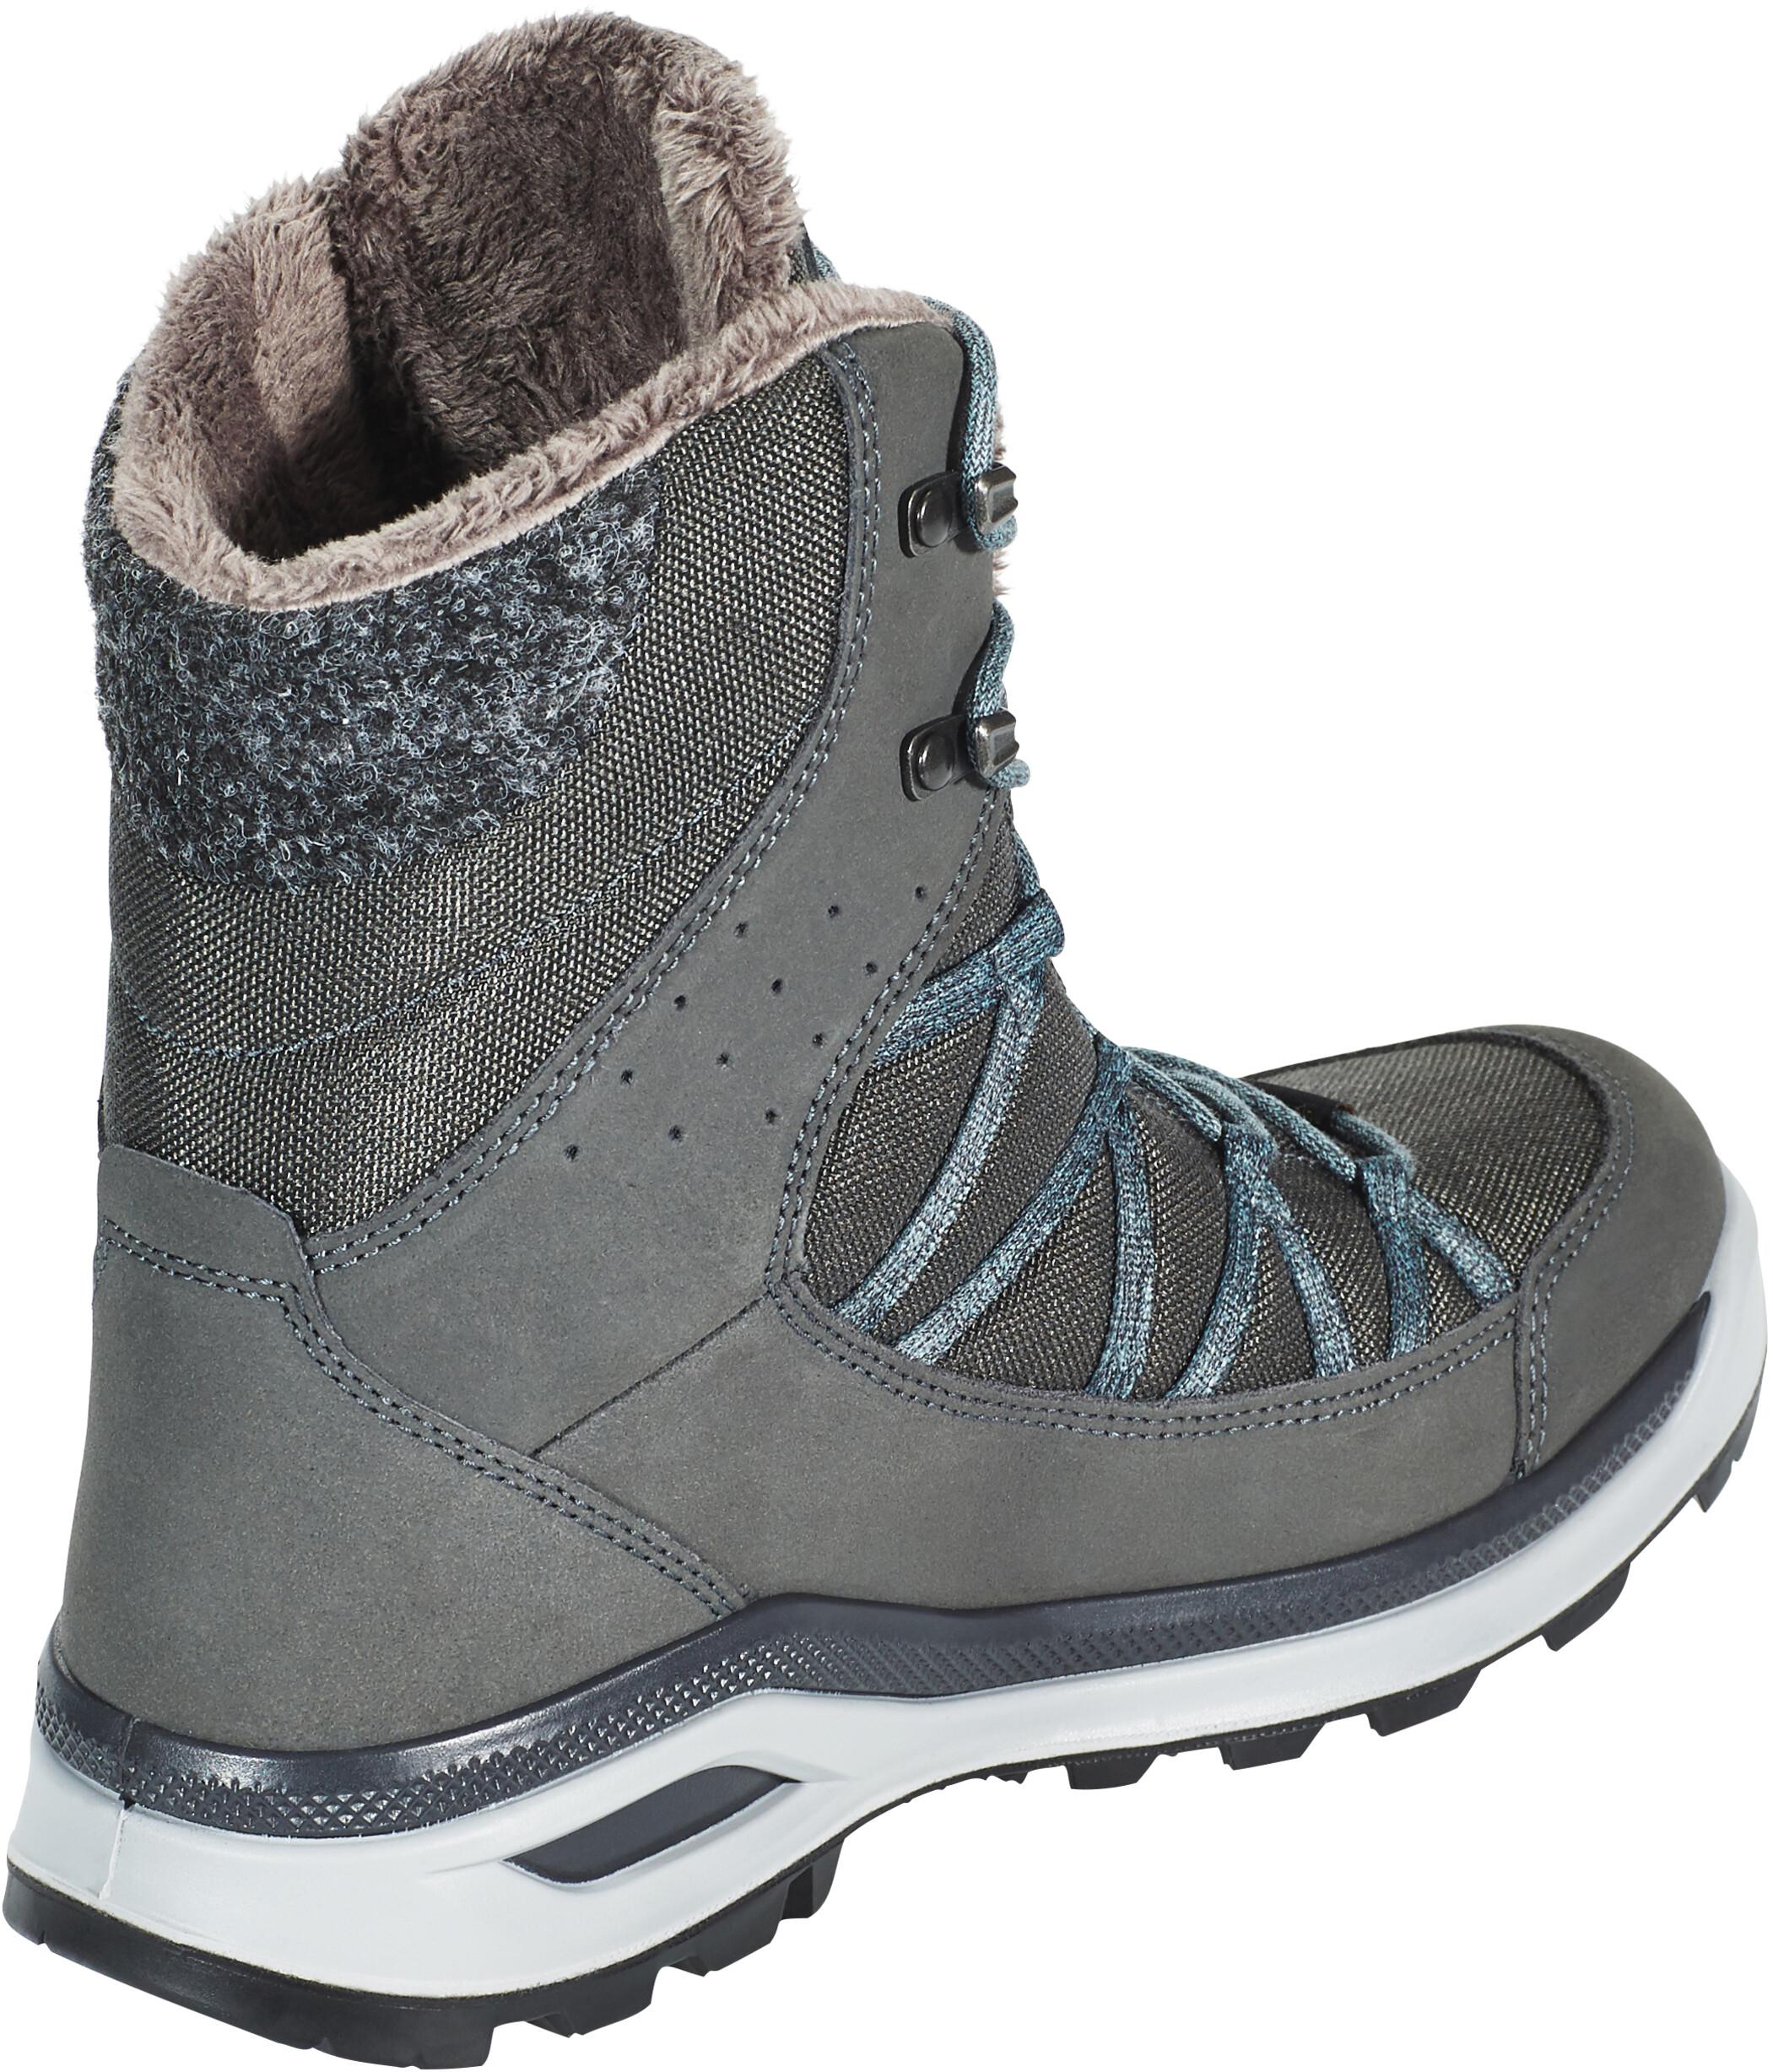 jetzt kaufen am besten bewerteten neuesten schöne Schuhe Lowa Montreal GTX Mid Cold Weather Boots Damen anthracite/bluegrey